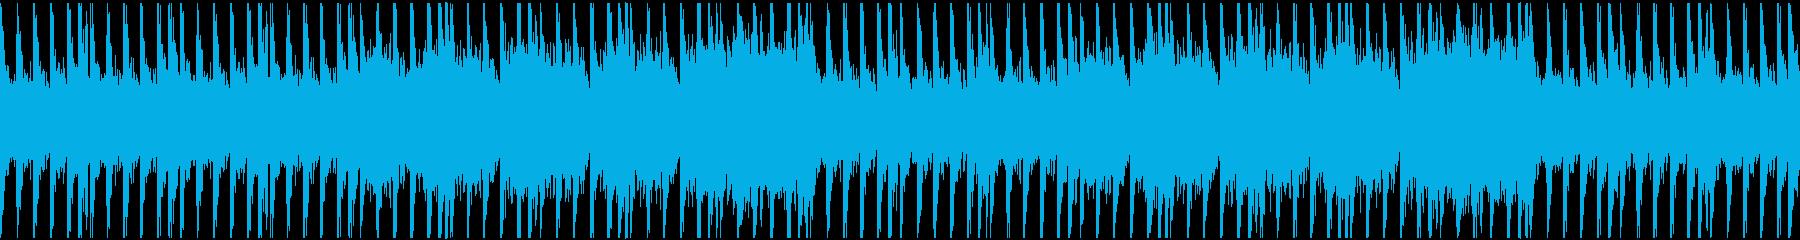 バトル・戦闘・ゲームの再生済みの波形